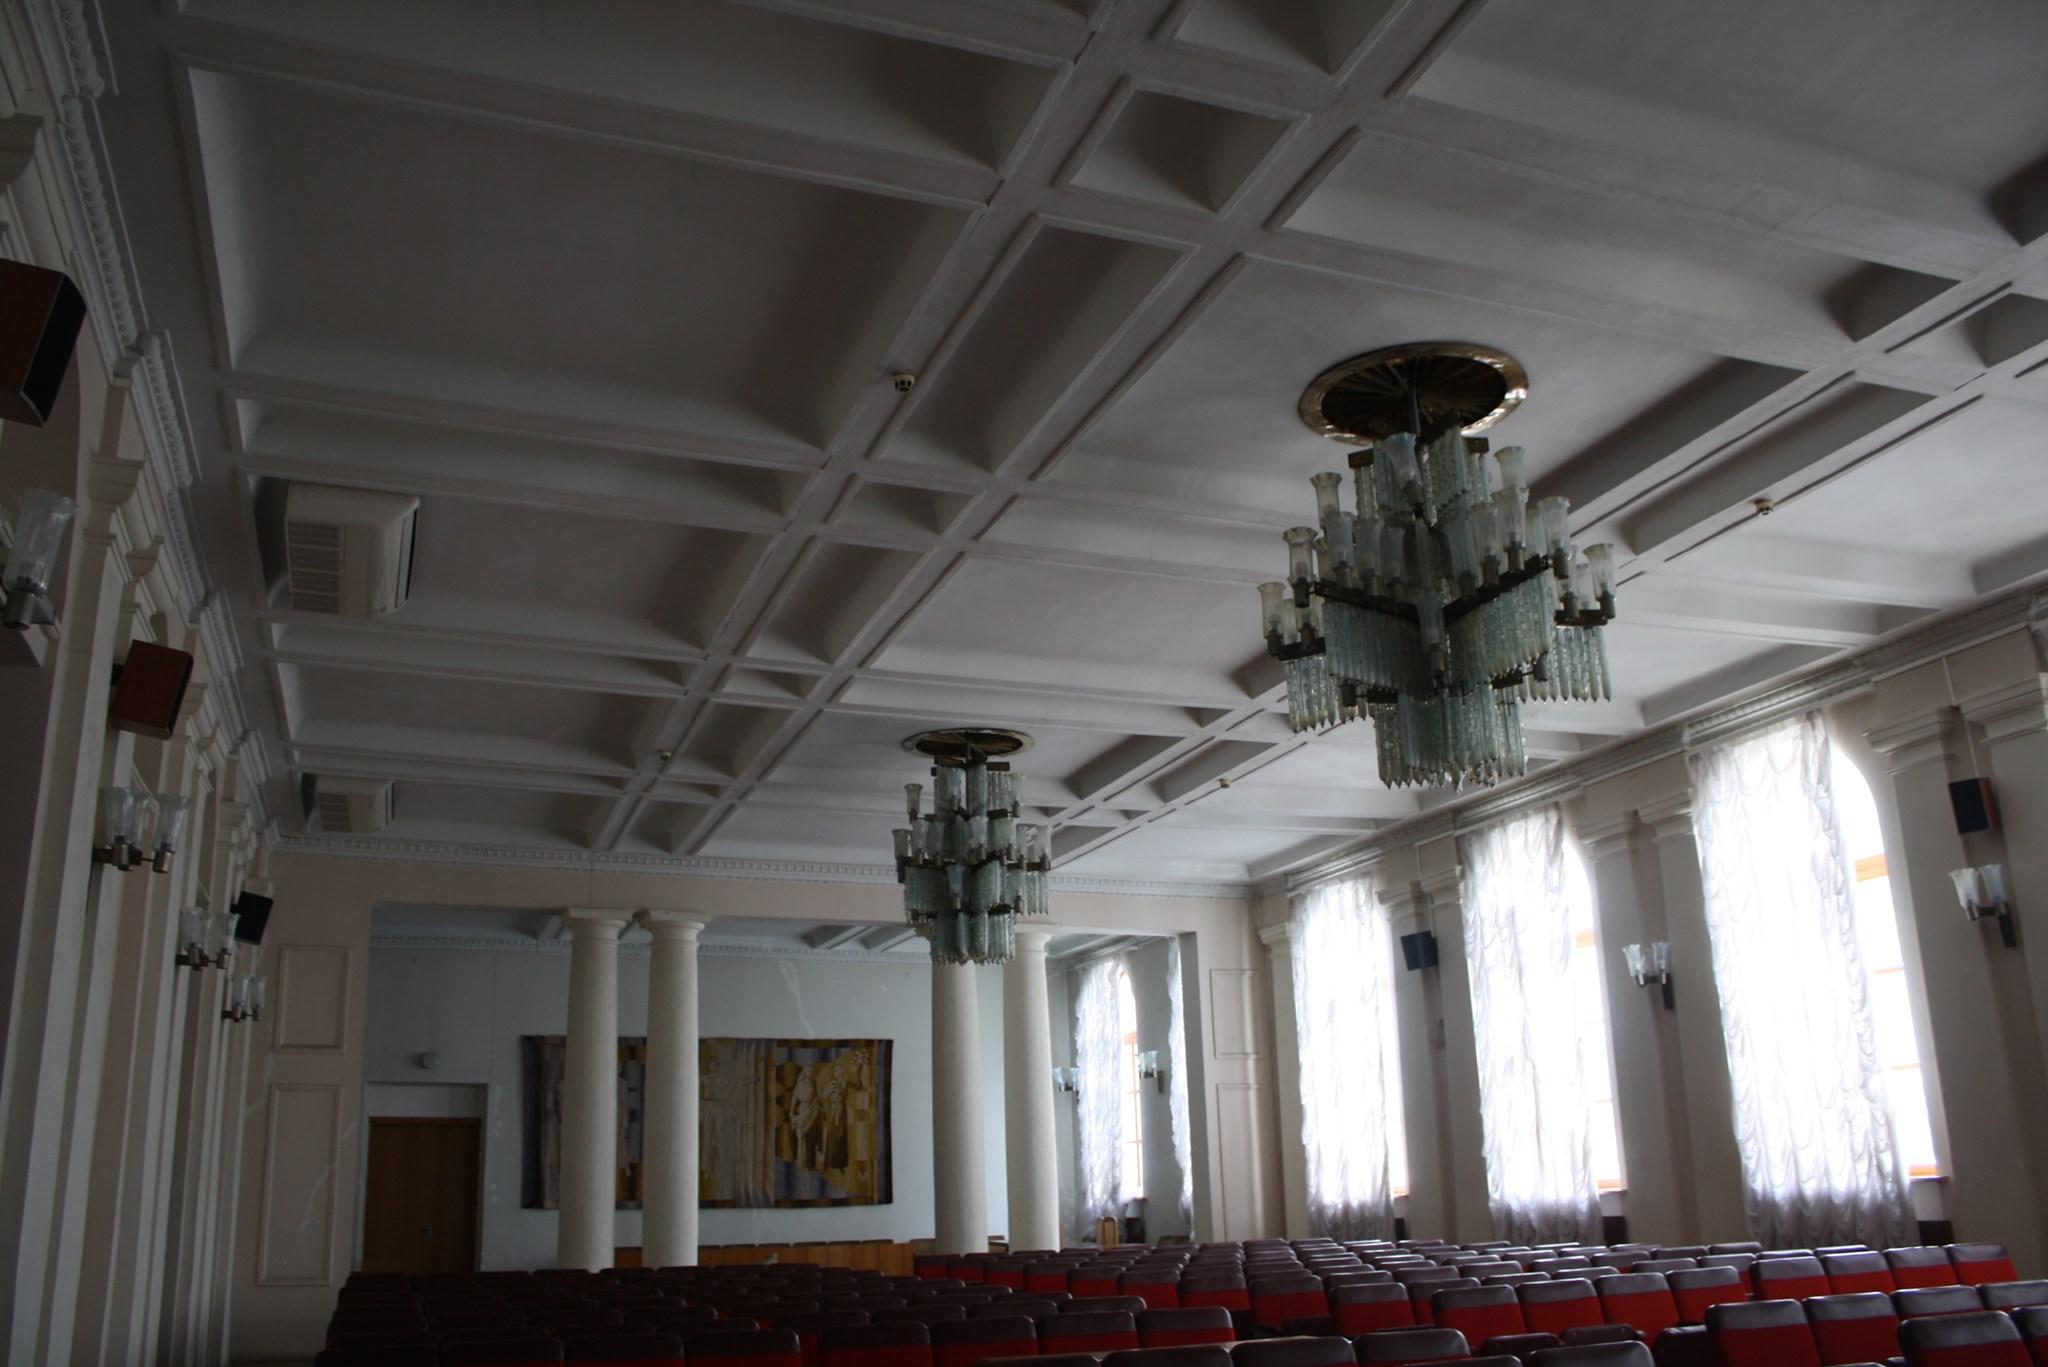 Общий вид зала до ремонта.